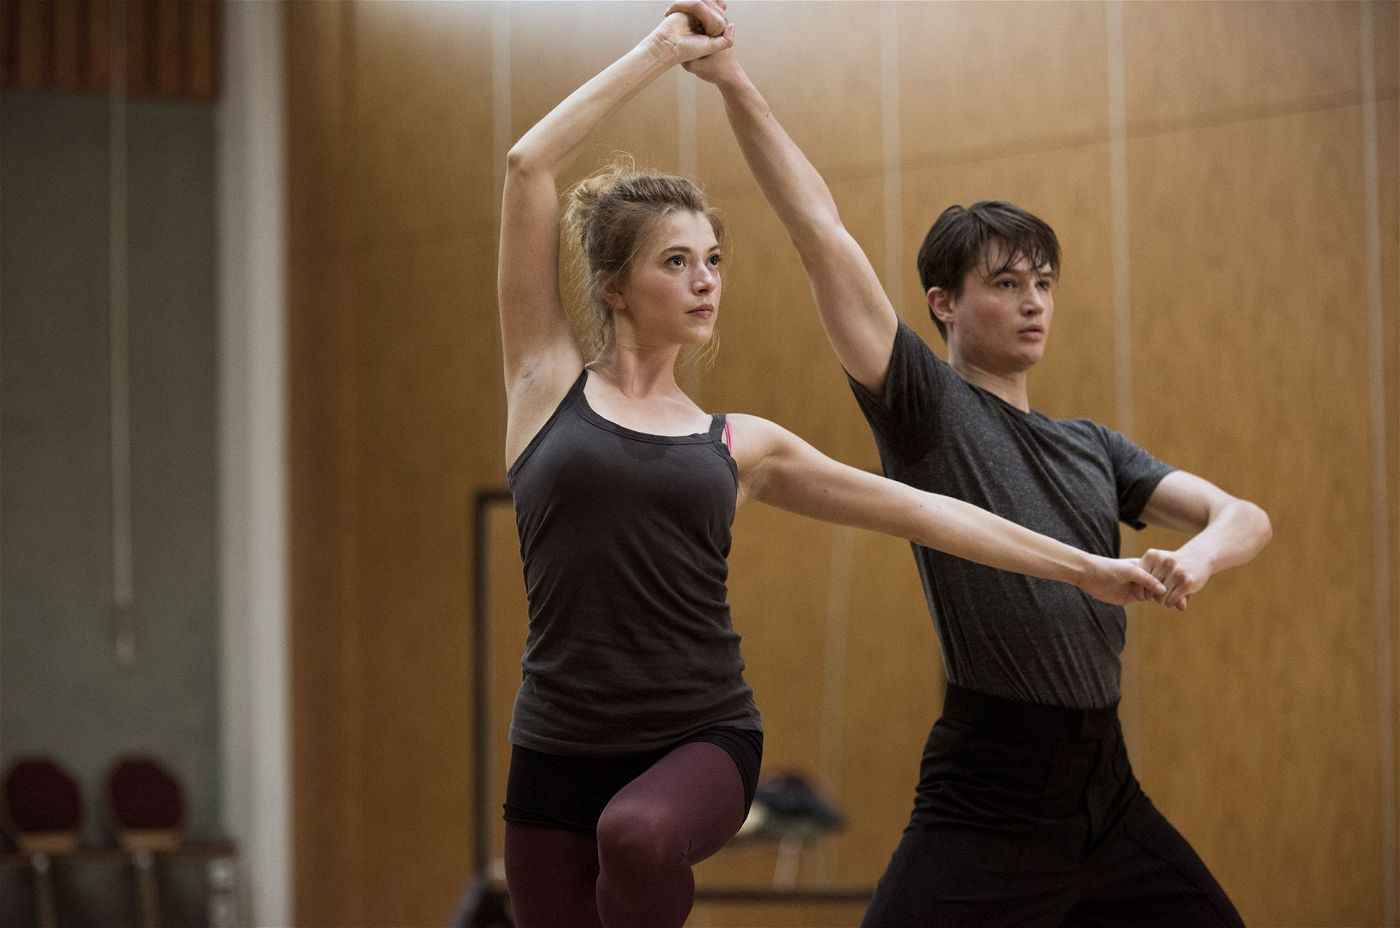 Zwei von ihnen trifft es ganz besonders: Marie Ade (Mersiha Husagic) wohnte mit Elmira zusammen, Jonas Körner (Gordon Kämmerer) war in die Tänzerin verliebt.